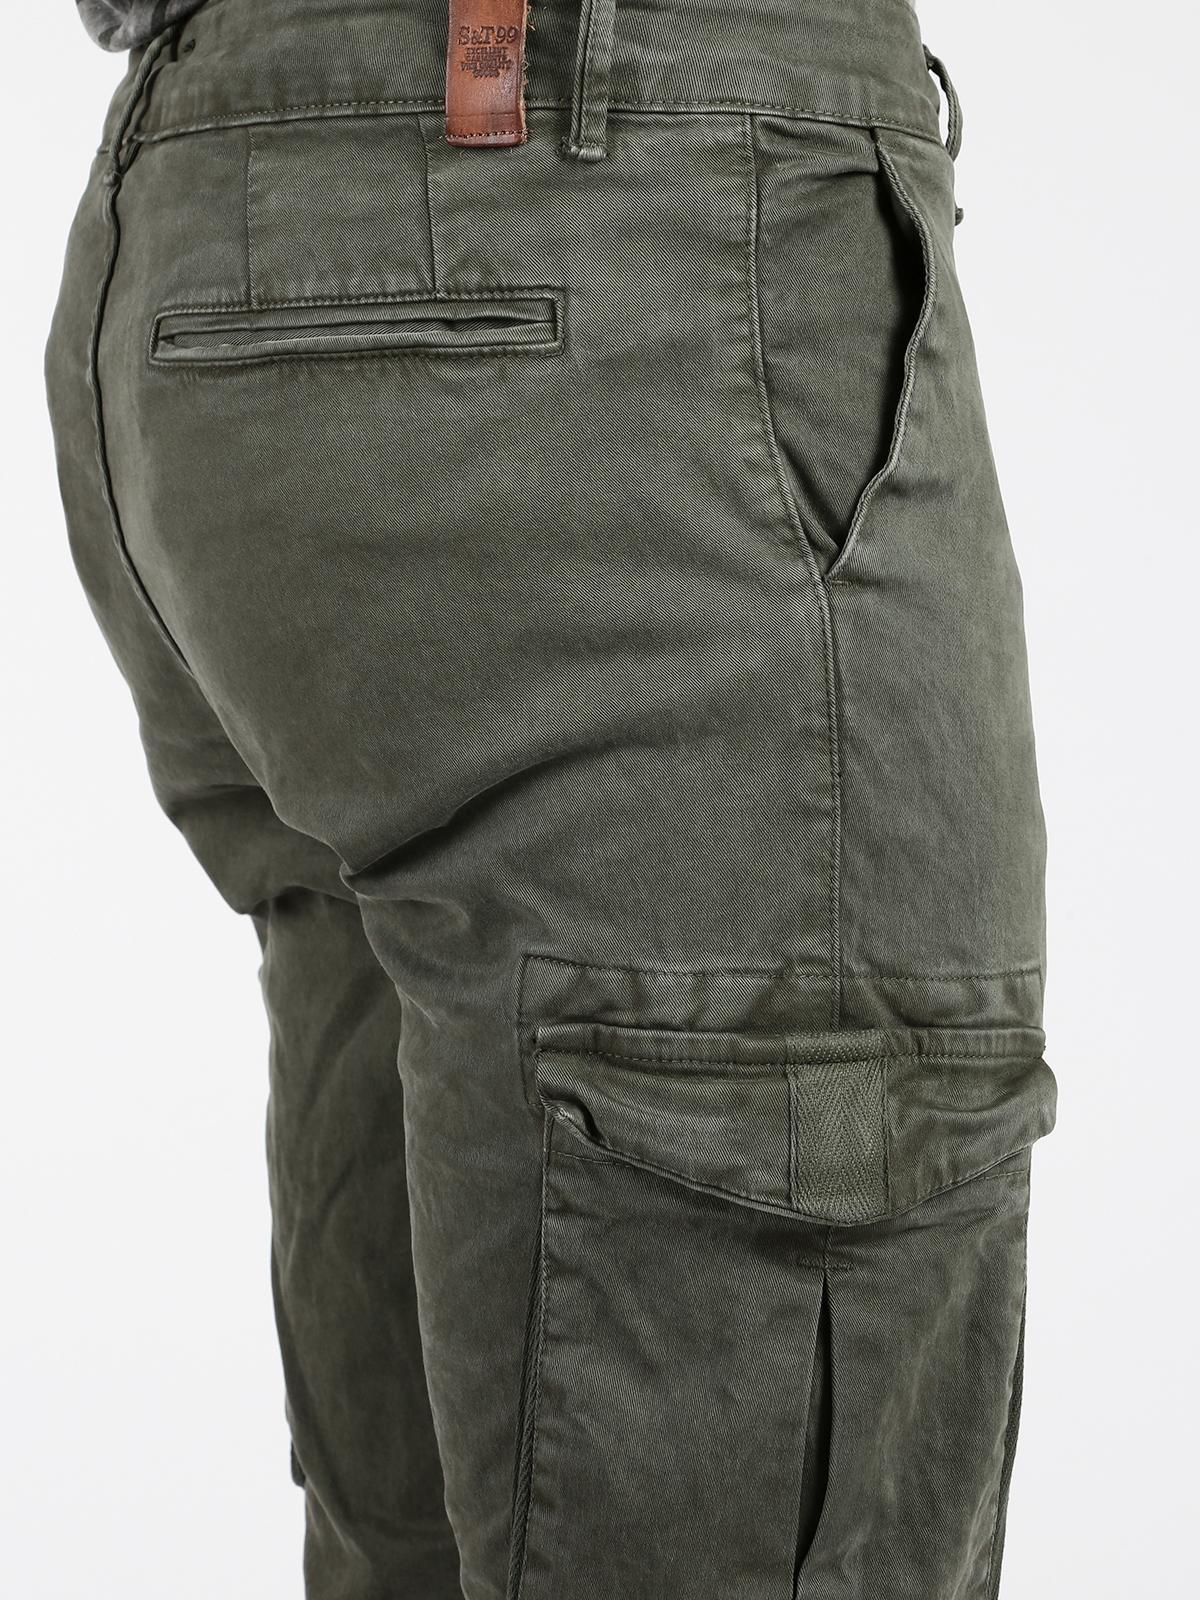 Pantalones Cargo En Algodon Verde Militar Hombre Mecshopping